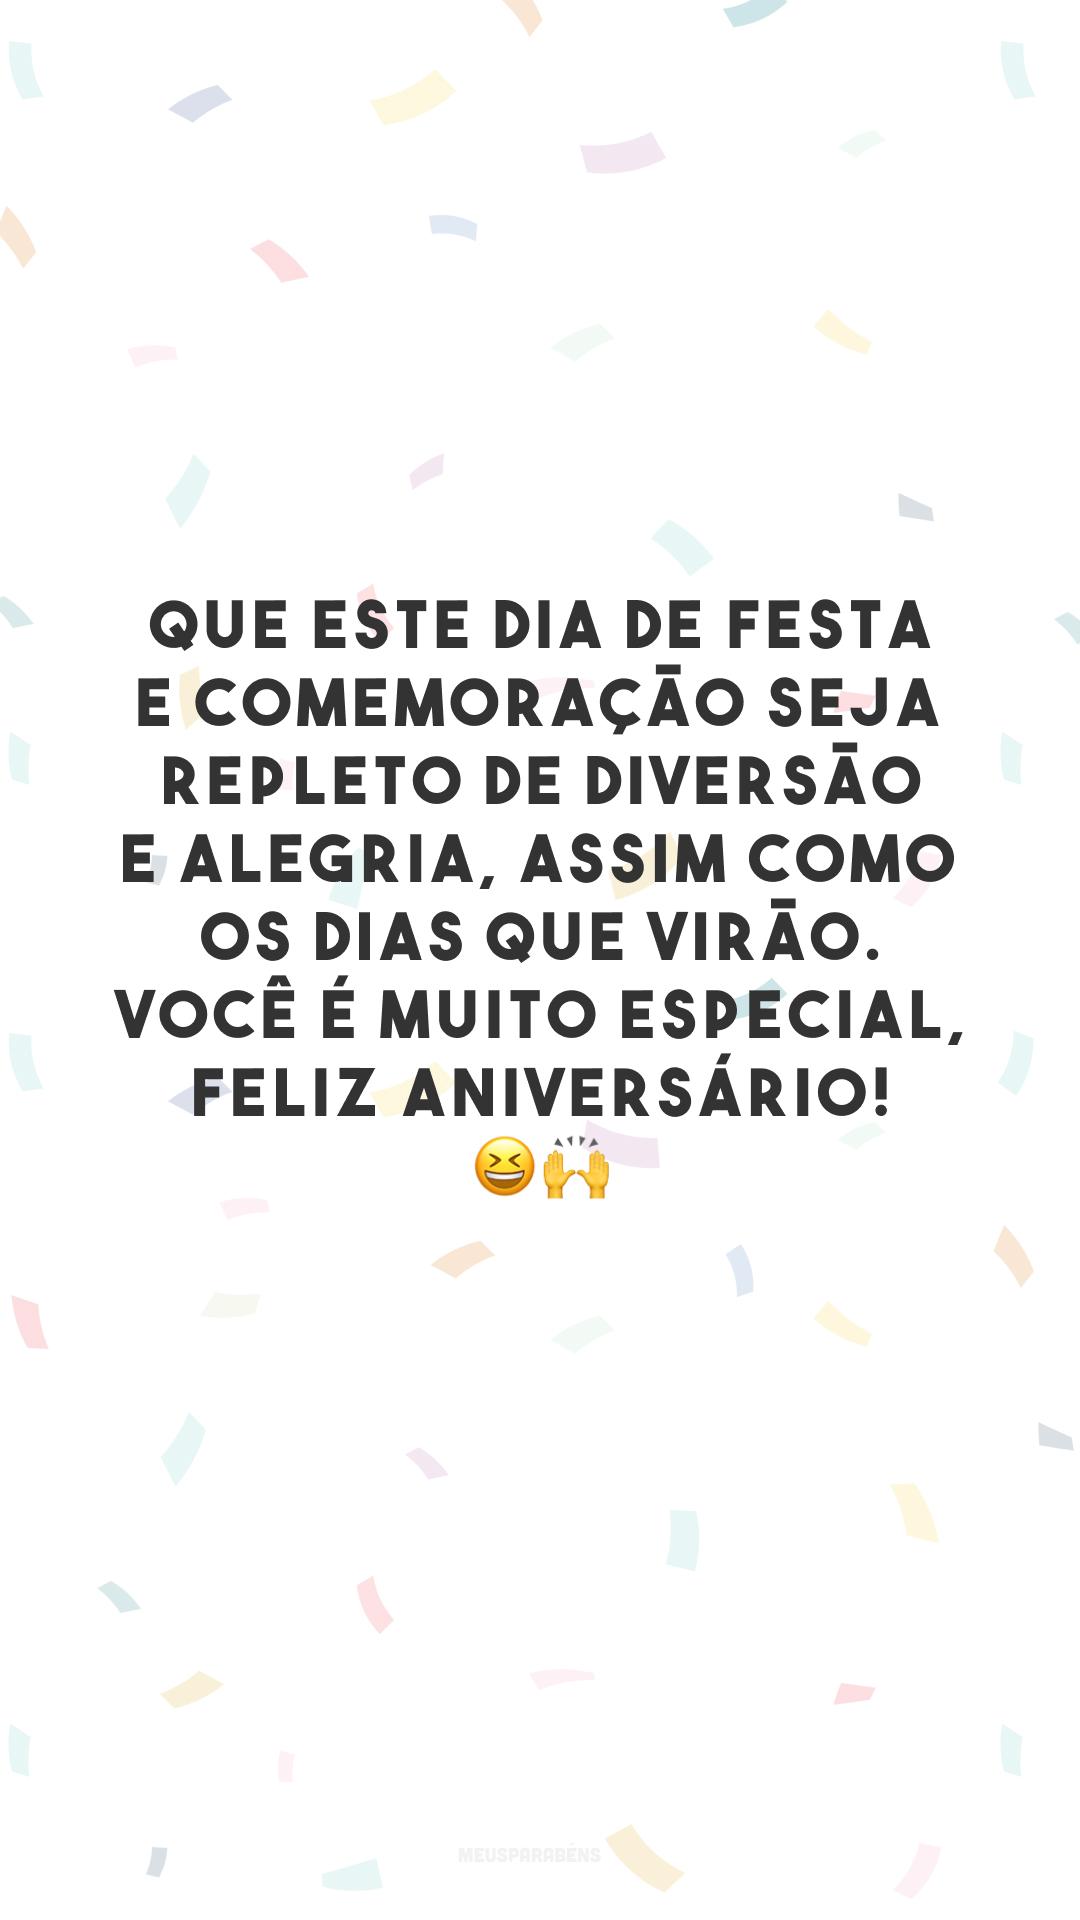 Que este dia de festa e comemoração seja repleto de diversão e alegria, assim como os dias que virão. Você é muito especial, feliz aniversário! 😆🙌